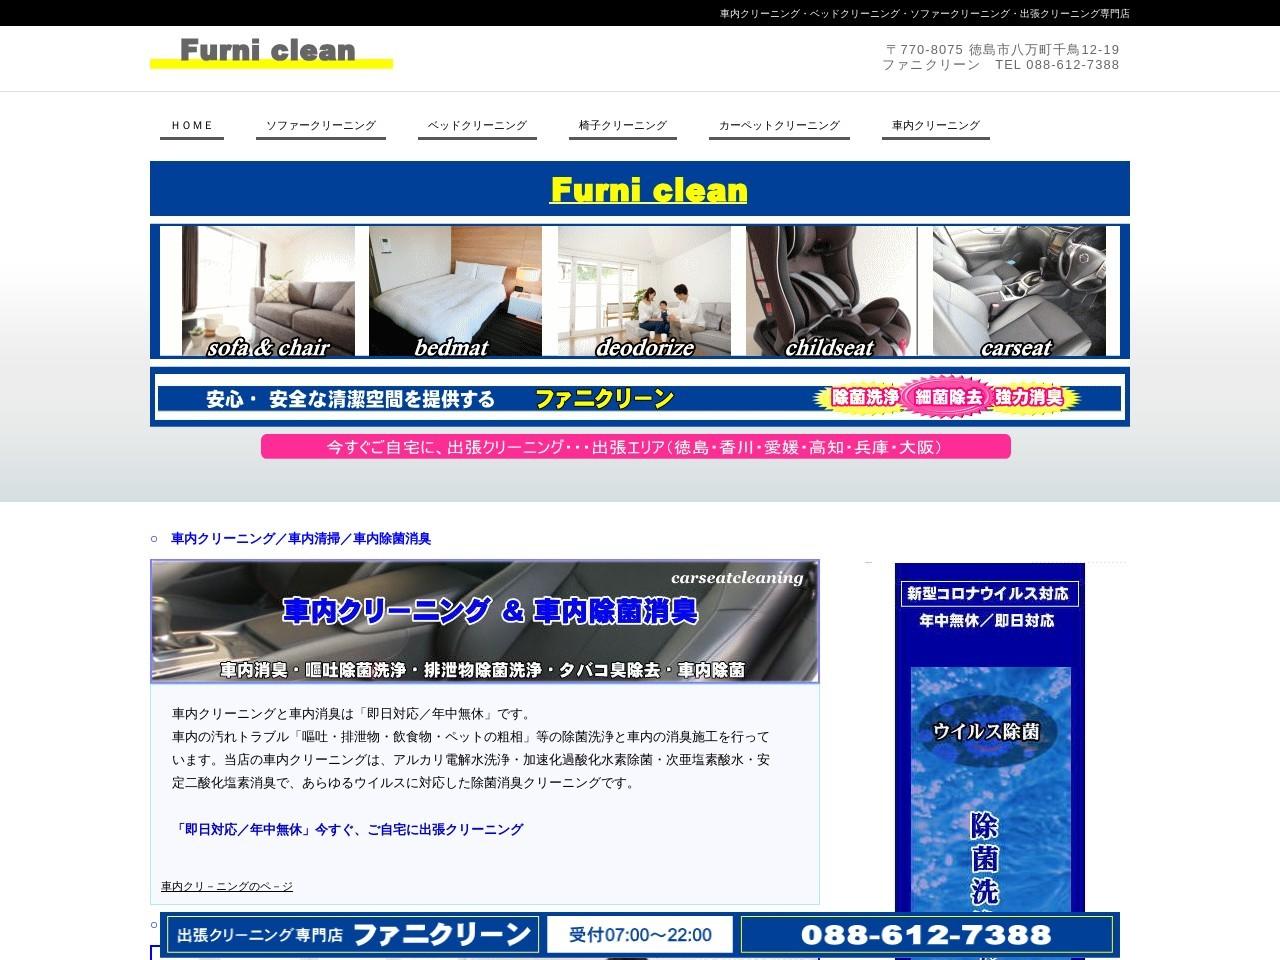 徳島のソファー・ベッドクリーニング専門店「ファニクリーン」